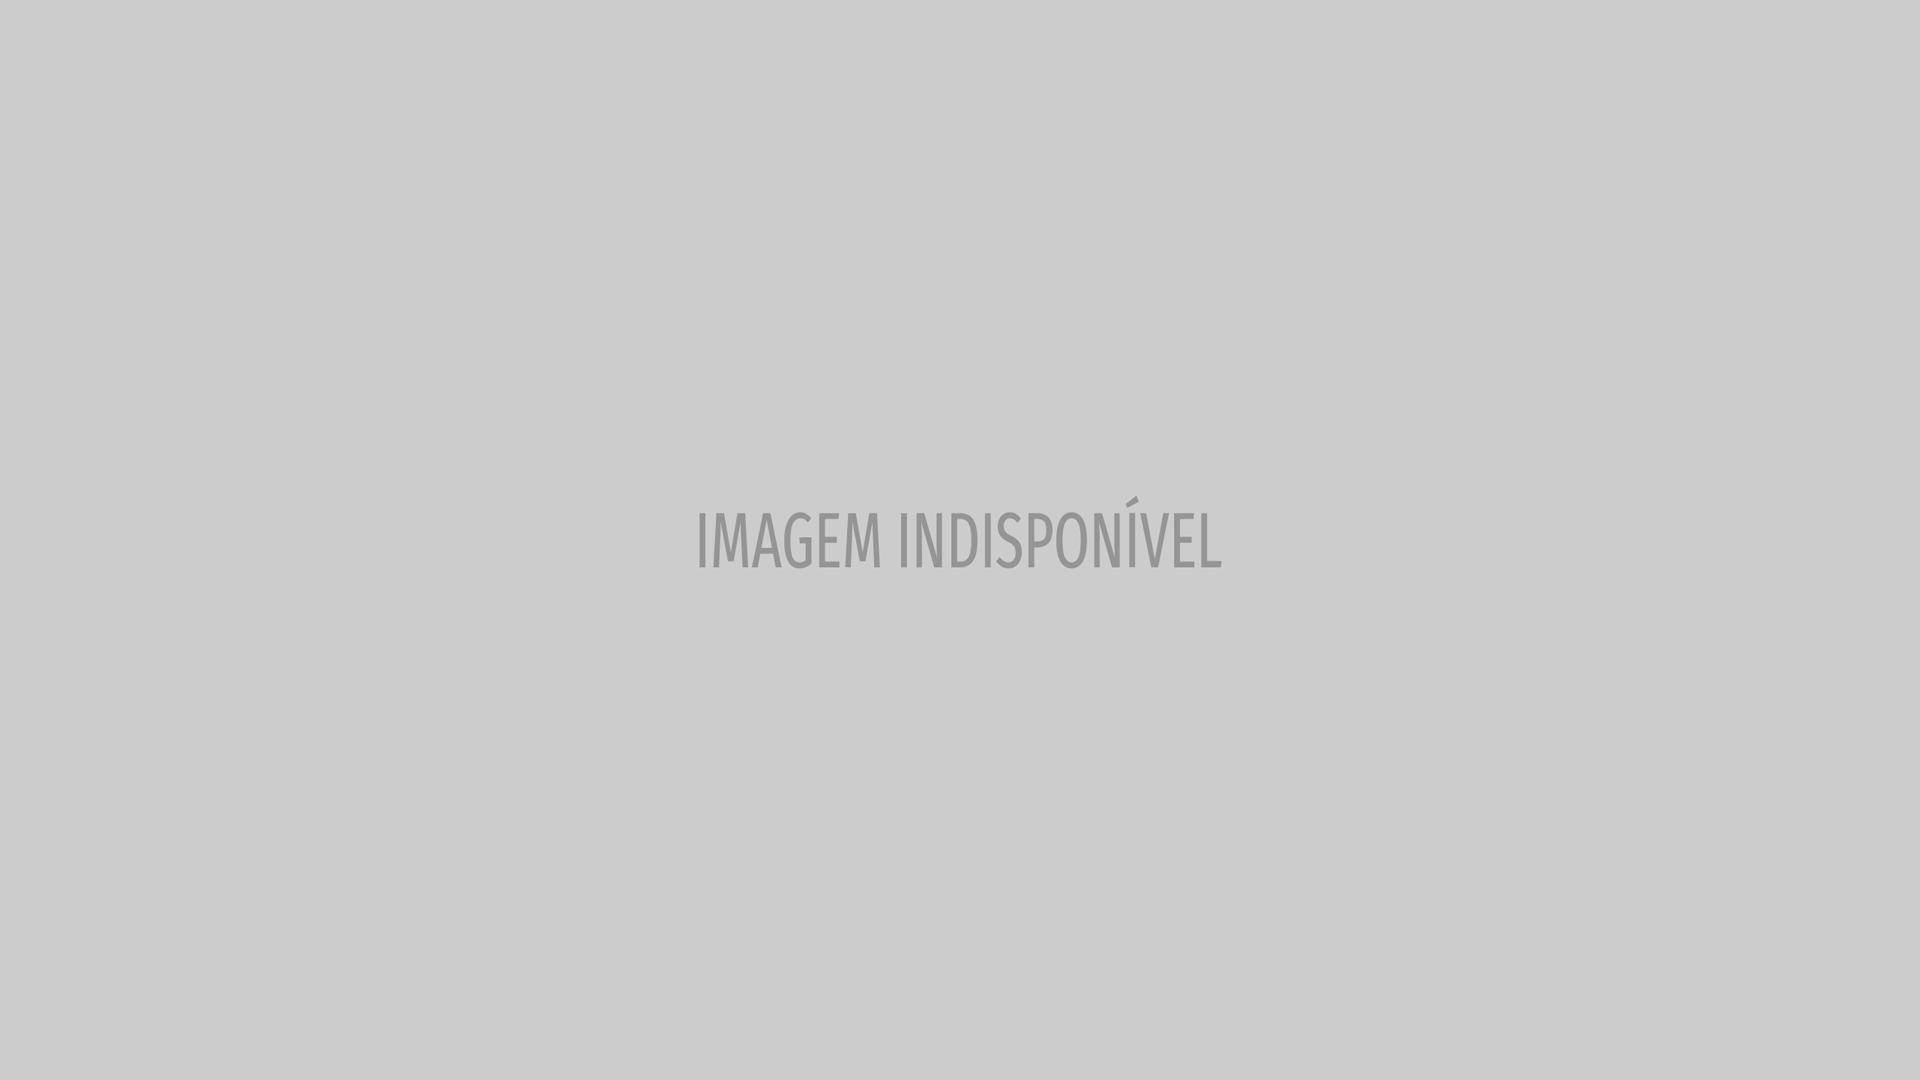 Leona Cavalli retorna à Globo em trama que vai abordar preconceito